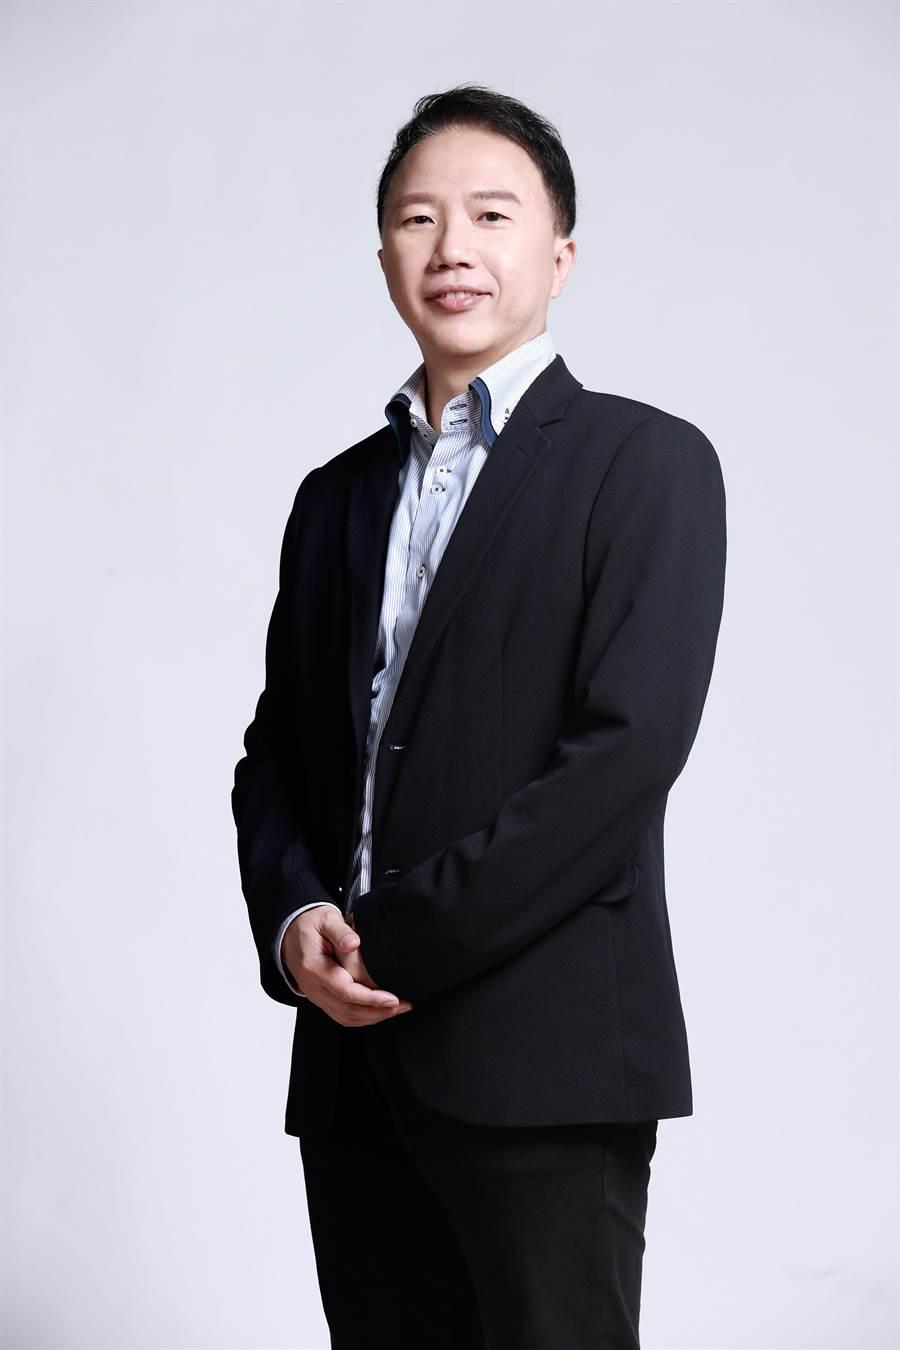 東森購物宣佈由楊俊元,升任草莓網執行長暨東森購物電子商務事業部及全球商貿中心執行長。(東森購物提供)